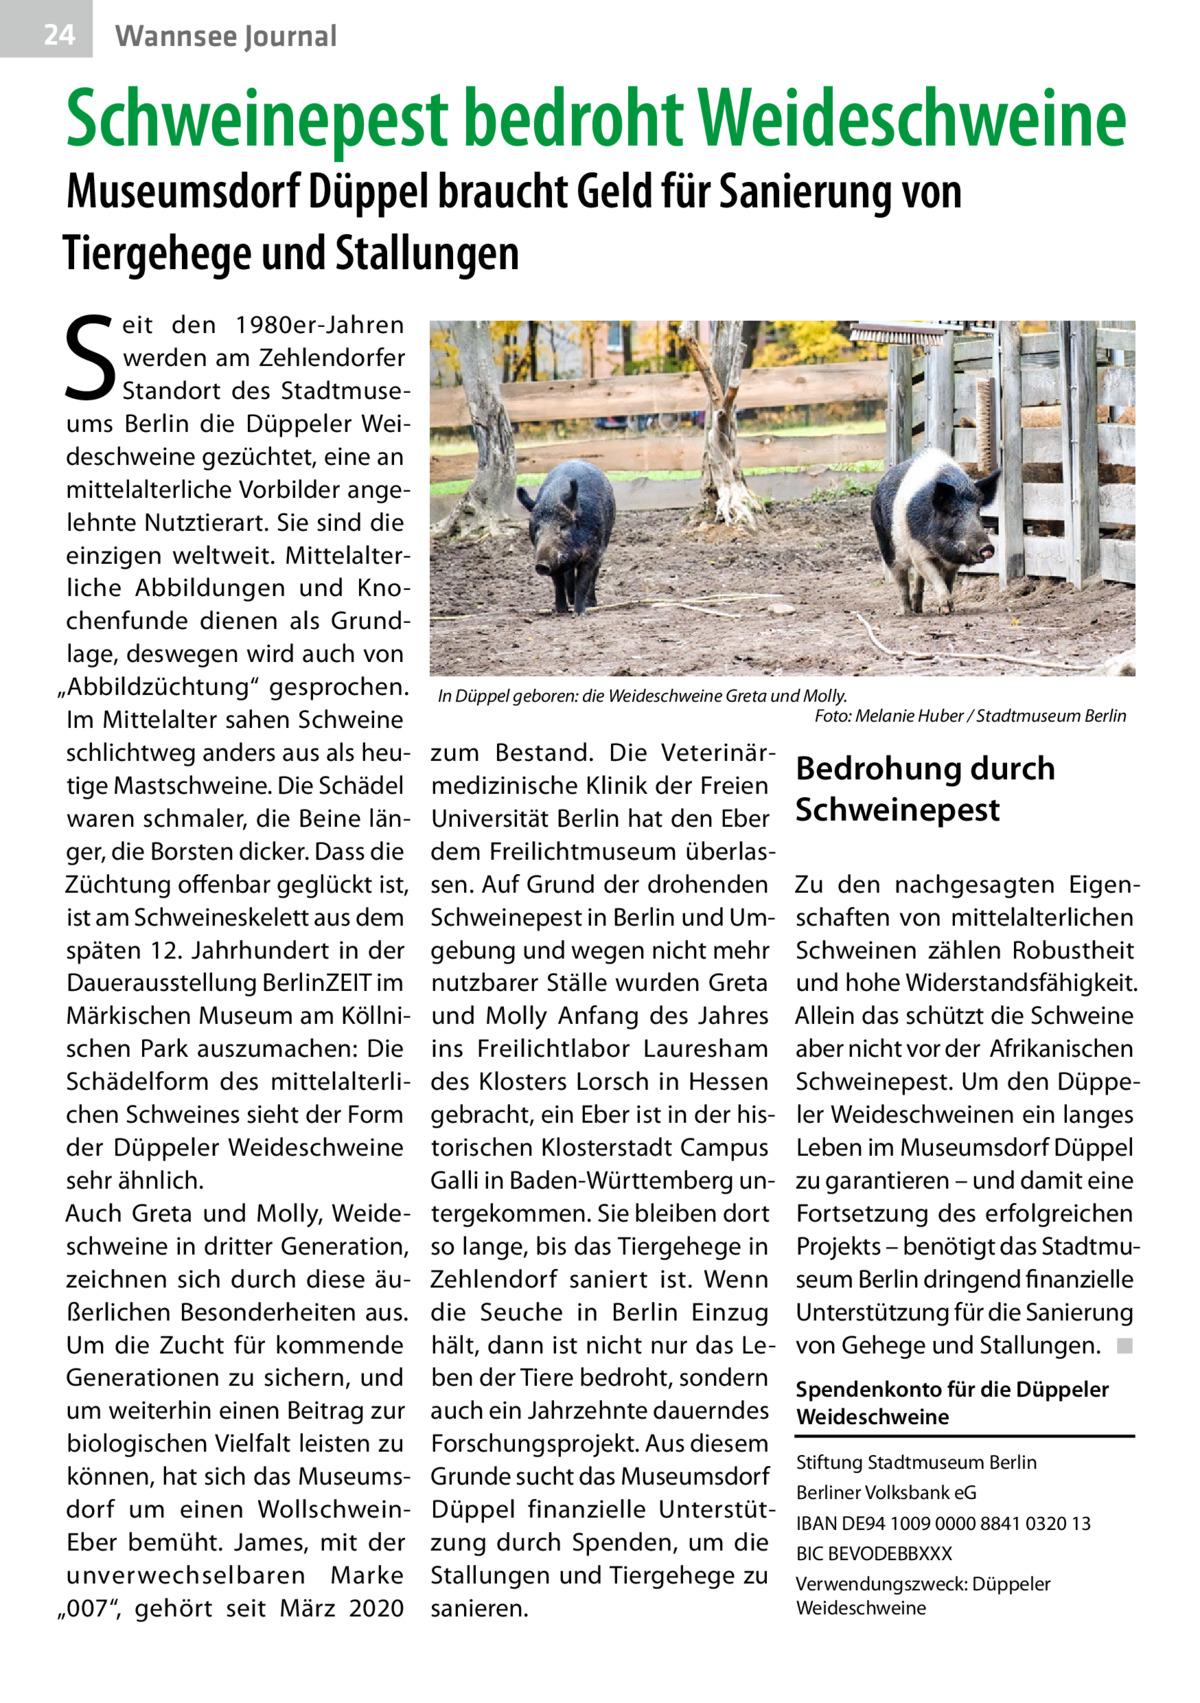 """24  Wannsee Journal  Schweinepest bedroht Weideschweine  Museumsdorf Düppel braucht Geld für Sanierung von Tiergehege und Stallungen  S  eit den 1980er-Jahren werden am Zehlendorfer Standort des Stadtmuseums Berlin die Düppeler Weideschweine gezüchtet, eine an mittelalterliche Vorbilder angelehnte Nutztierart. Sie sind die einzigen weltweit. Mittelalterliche Abbildungen und Knochenfunde dienen als Grundlage, deswegen wird auch von """"Abbildzüchtung"""" gesprochen. Im Mittelalter sahen Schweine schlichtweg anders aus als heutige Mastschweine. Die Schädel waren schmaler, die Beine länger, die Borsten dicker. Dass die Züchtung offenbar geglückt ist, ist am Schweineskelett aus dem späten 12. Jahrhundert in der Dauerausstellung BerlinZEIT im Märkischen Museum am Köllnischen Park auszumachen: Die Schädelform des mittelalterlichen Schweines sieht der Form der Düppeler Weideschweine sehr ähnlich. Auch Greta und Molly, Weideschweine in dritter Generation, zeichnen sich durch diese äußerlichen Besonderheiten aus. Um die Zucht für kommende Generationen zu sichern, und um weiterhin einen Beitrag zur biologischen Vielfalt leisten zu können, hat sich das Museumsdorf um einen WollschweinEber bemüht. James, mit der unverwechselbaren Marke """"007"""", gehört seit März 2020  In Düppel geboren: die Weideschweine Greta und Molly. � Foto: Melanie Huber / Stadtmuseum Berlin  zum Bestand. Die Veterinärmedizinische Klinik der Freien Universität Berlin hat den Eber dem Freilichtmuseum überlassen. Auf Grund der drohenden Schweinepest in Berlin und Umgebung und wegen nicht mehr nutzbarer Ställe wurden Greta und Molly Anfang des Jahres ins Freilichtlabor Lauresham des Klosters Lorsch in Hessen gebracht, ein Eber ist in der historischen Klosterstadt Campus Galli in Baden-Württemberg untergekommen. Sie bleiben dort so lange, bis das Tiergehege in Zehlendorf saniert ist. Wenn die Seuche in Berlin Einzug hält, dann ist nicht nur das Leben der Tiere bedroht, sondern auch ein Jahrzehnte dauerndes Forschungspr"""